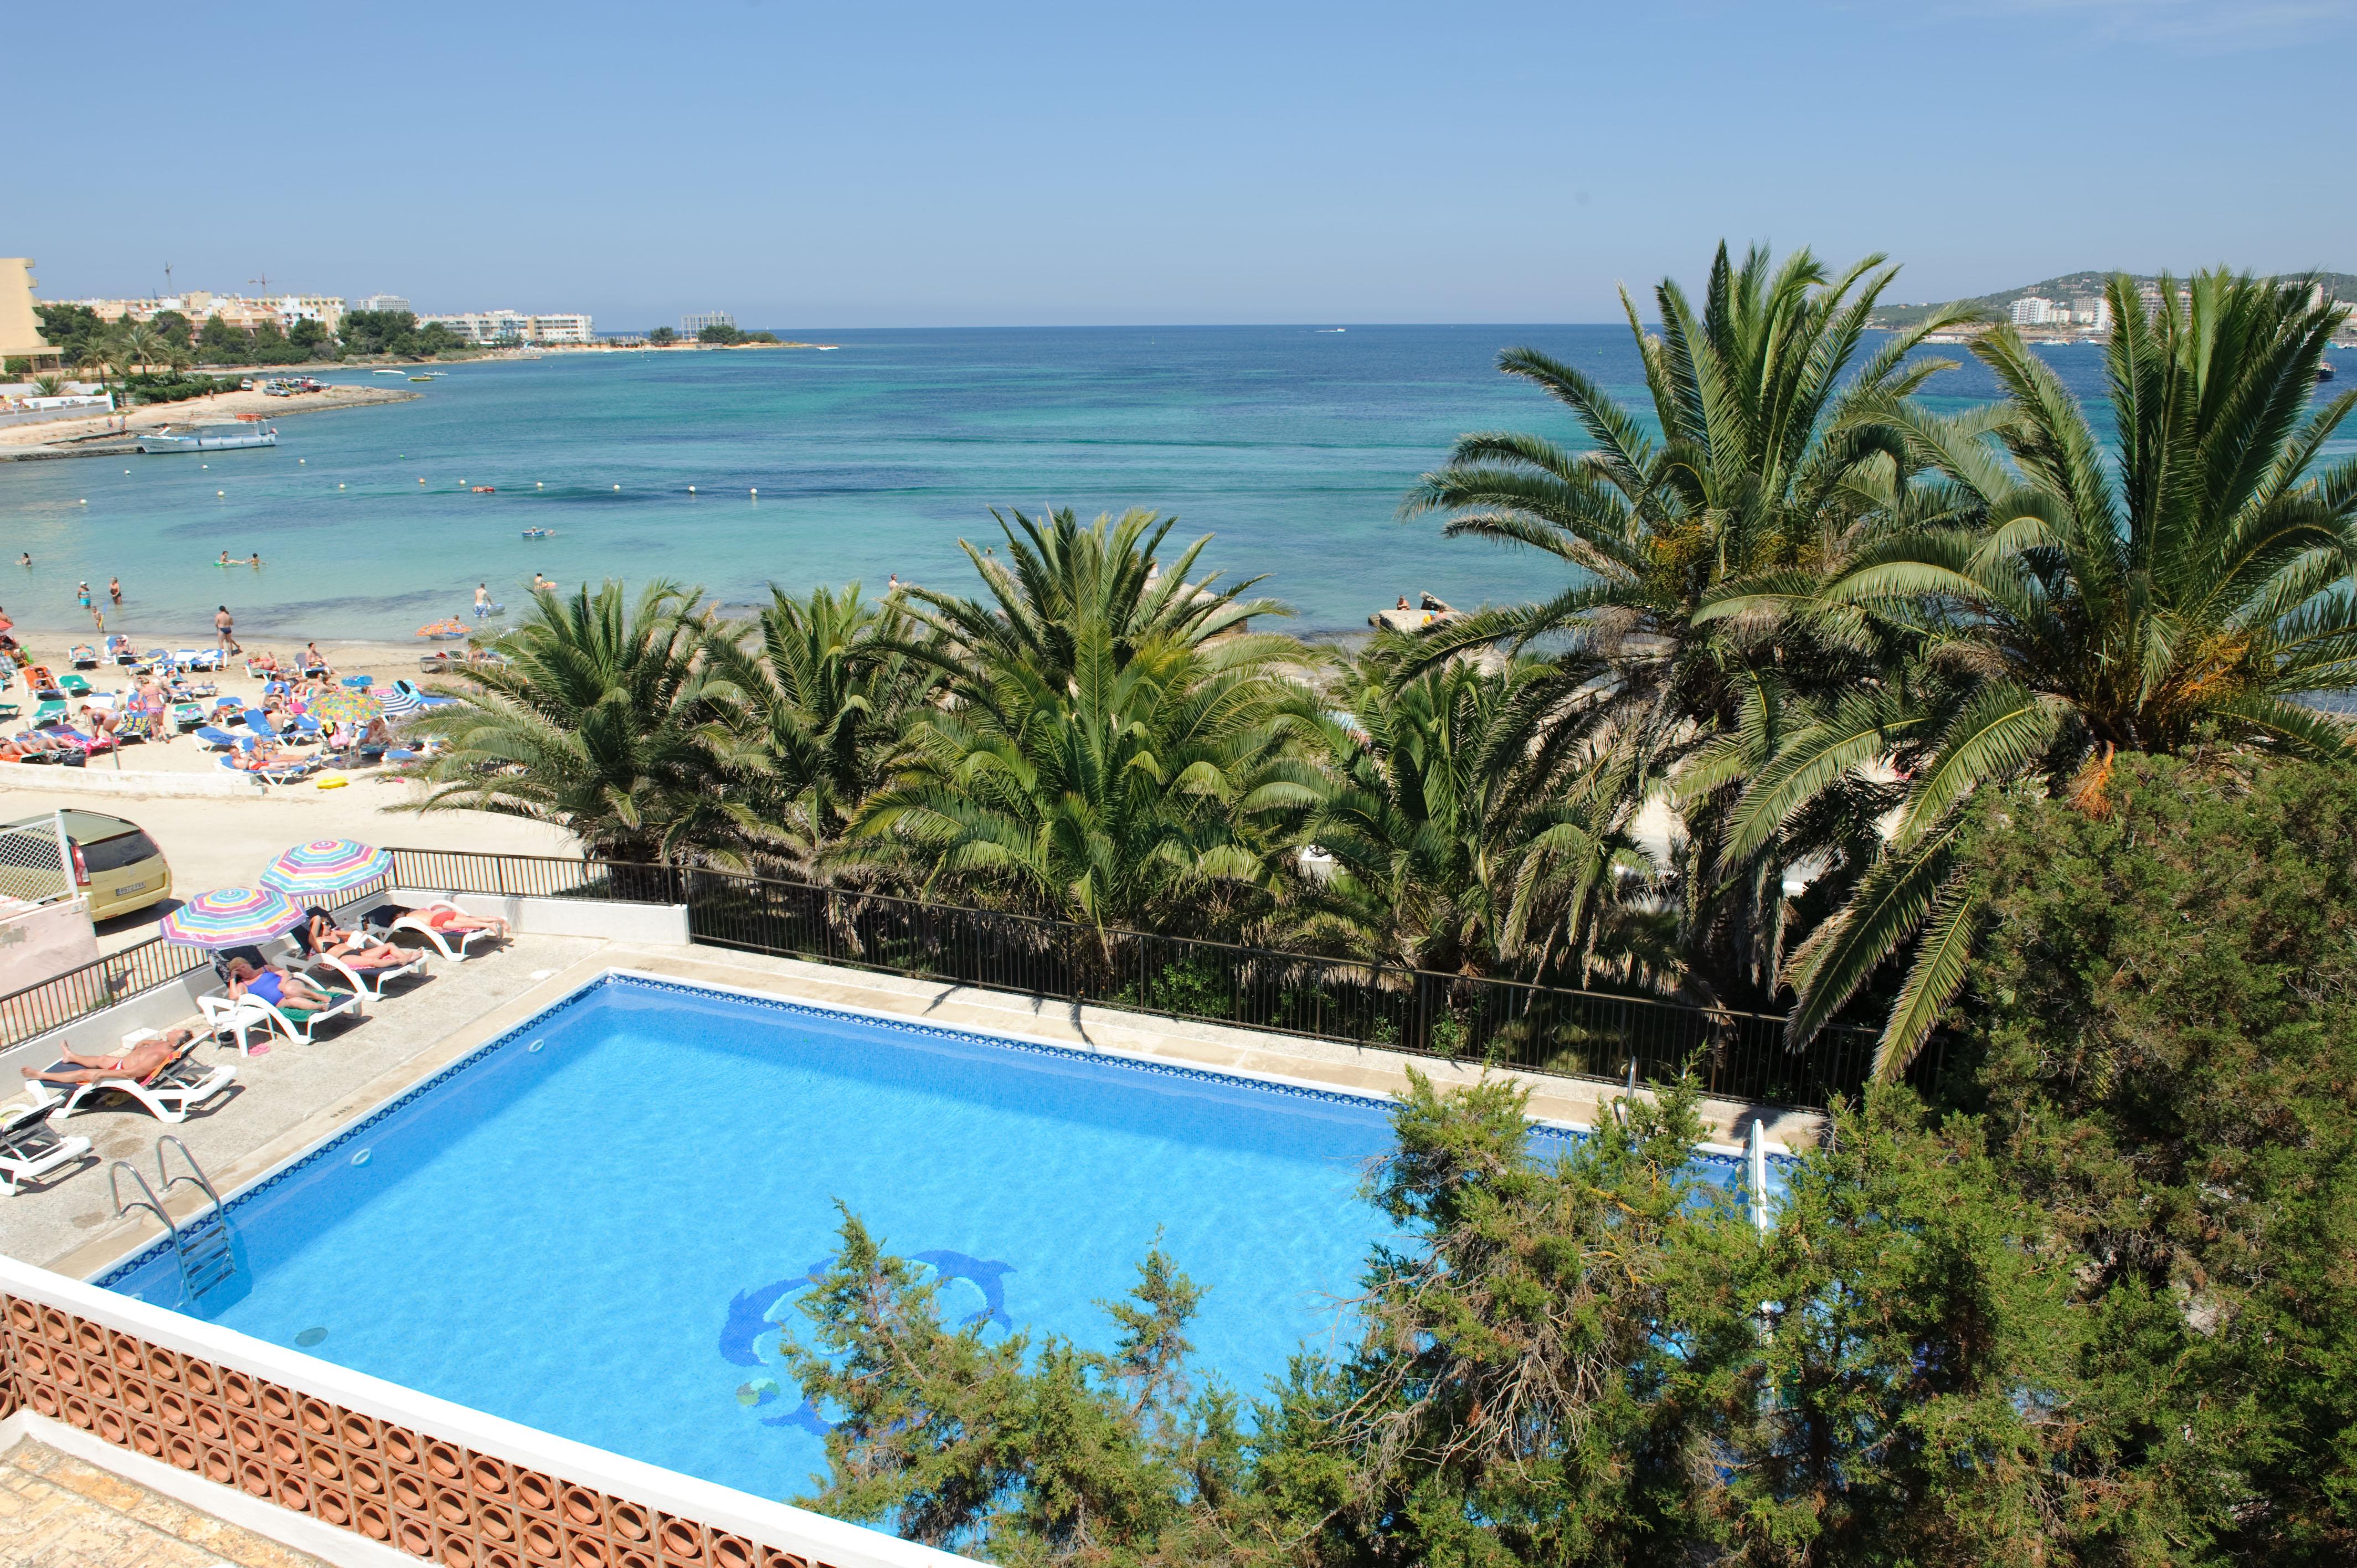 hoteles Hotel Tagomago, Ibiza (España)